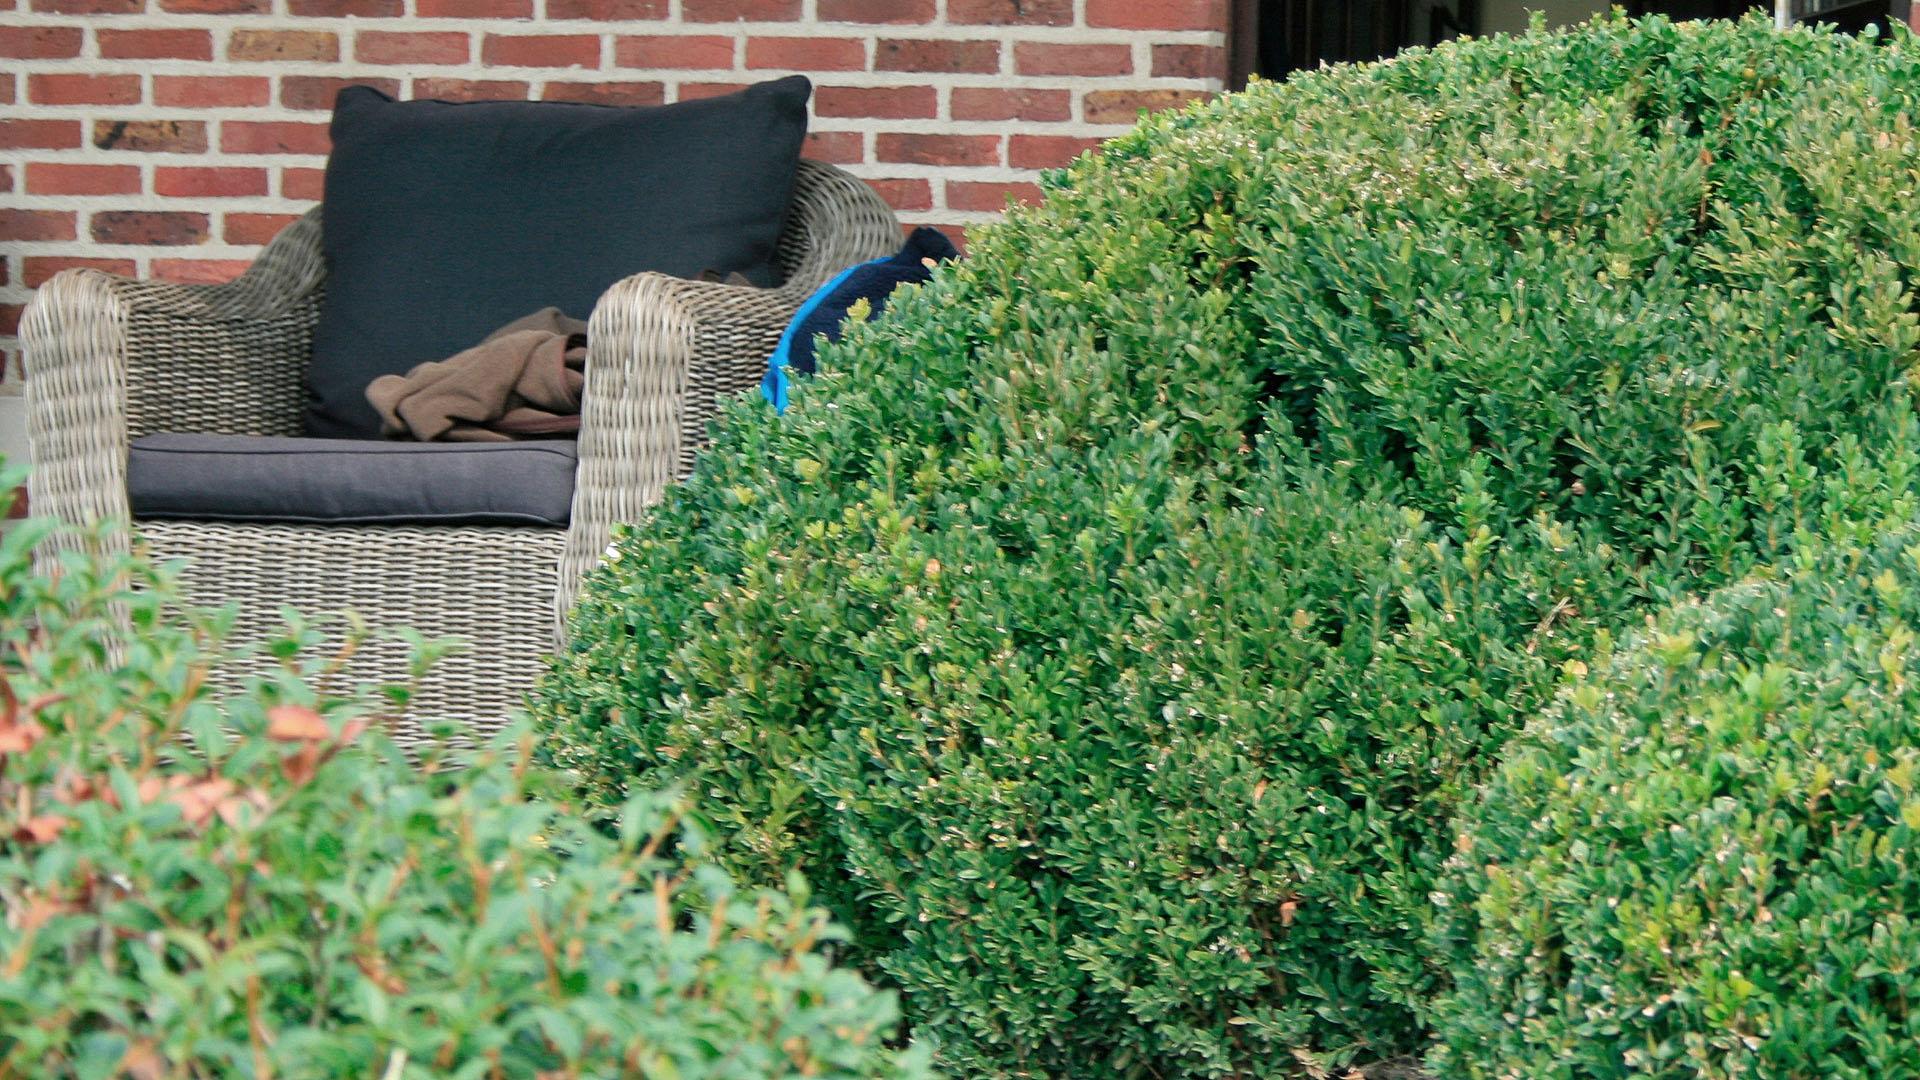 Tijd Voor Tuin : De winter is de tijd om in de tuin te werken chemindustade